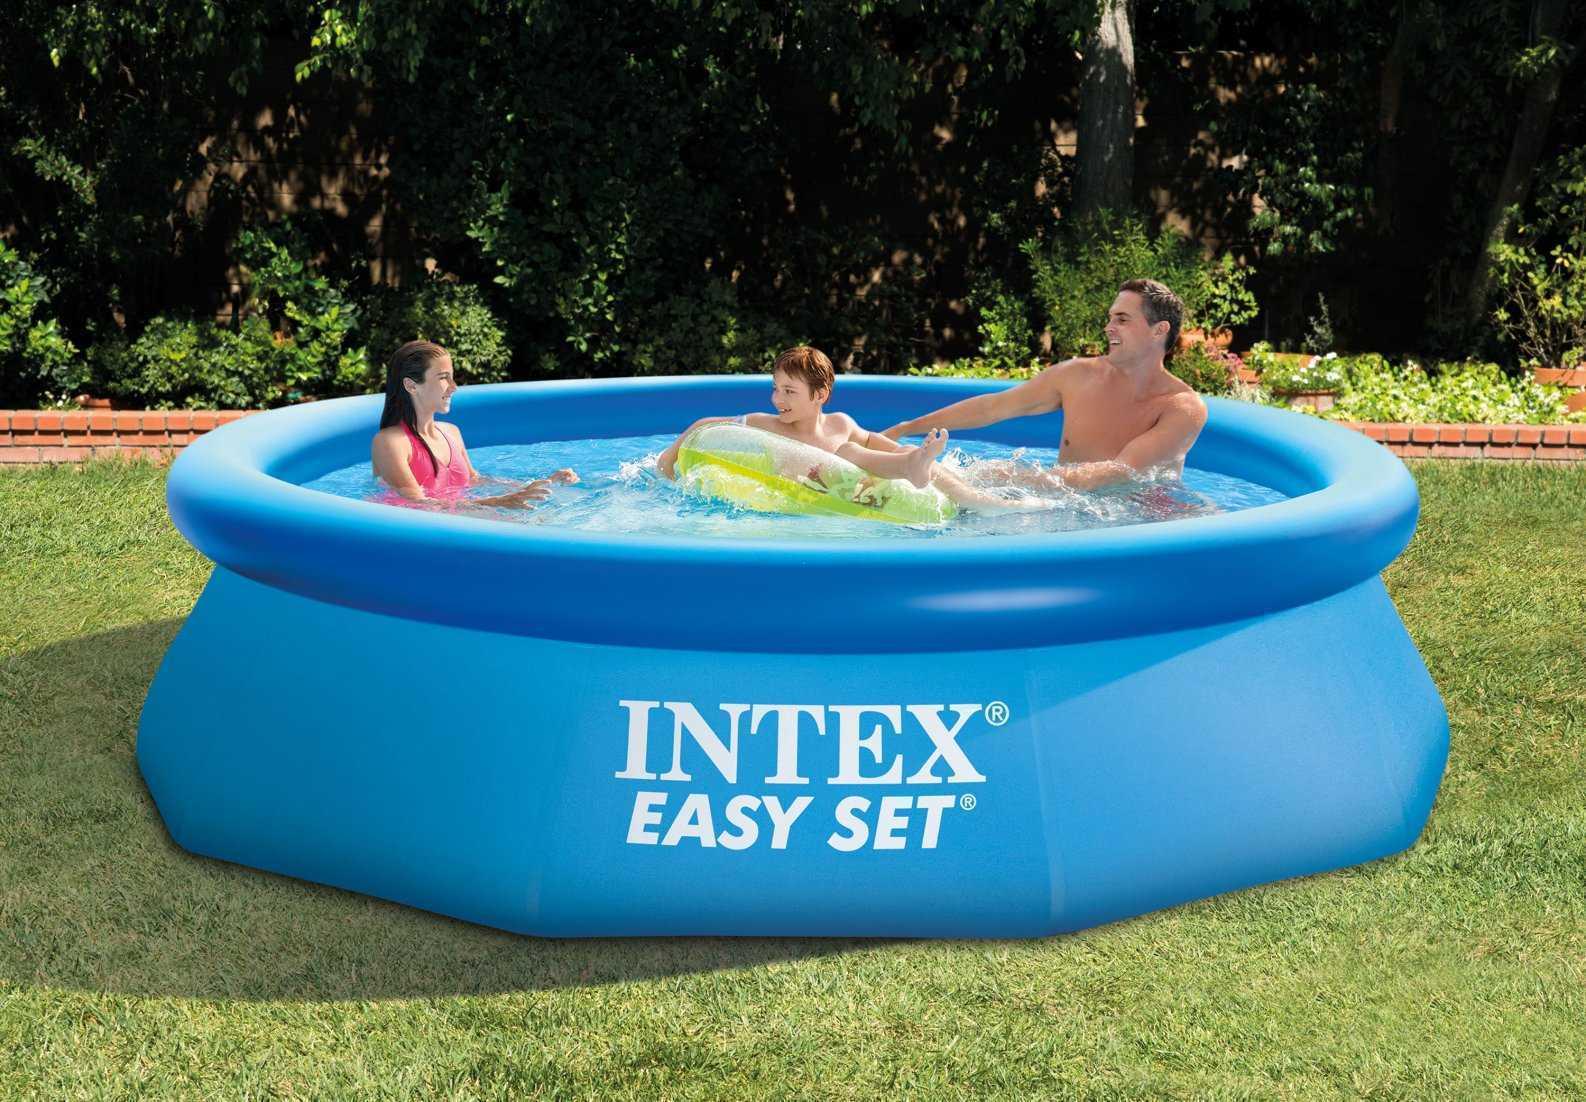 Piscine intex easy set 3 96 x 0 84m c piscine for Piscine gonflable intex easy set